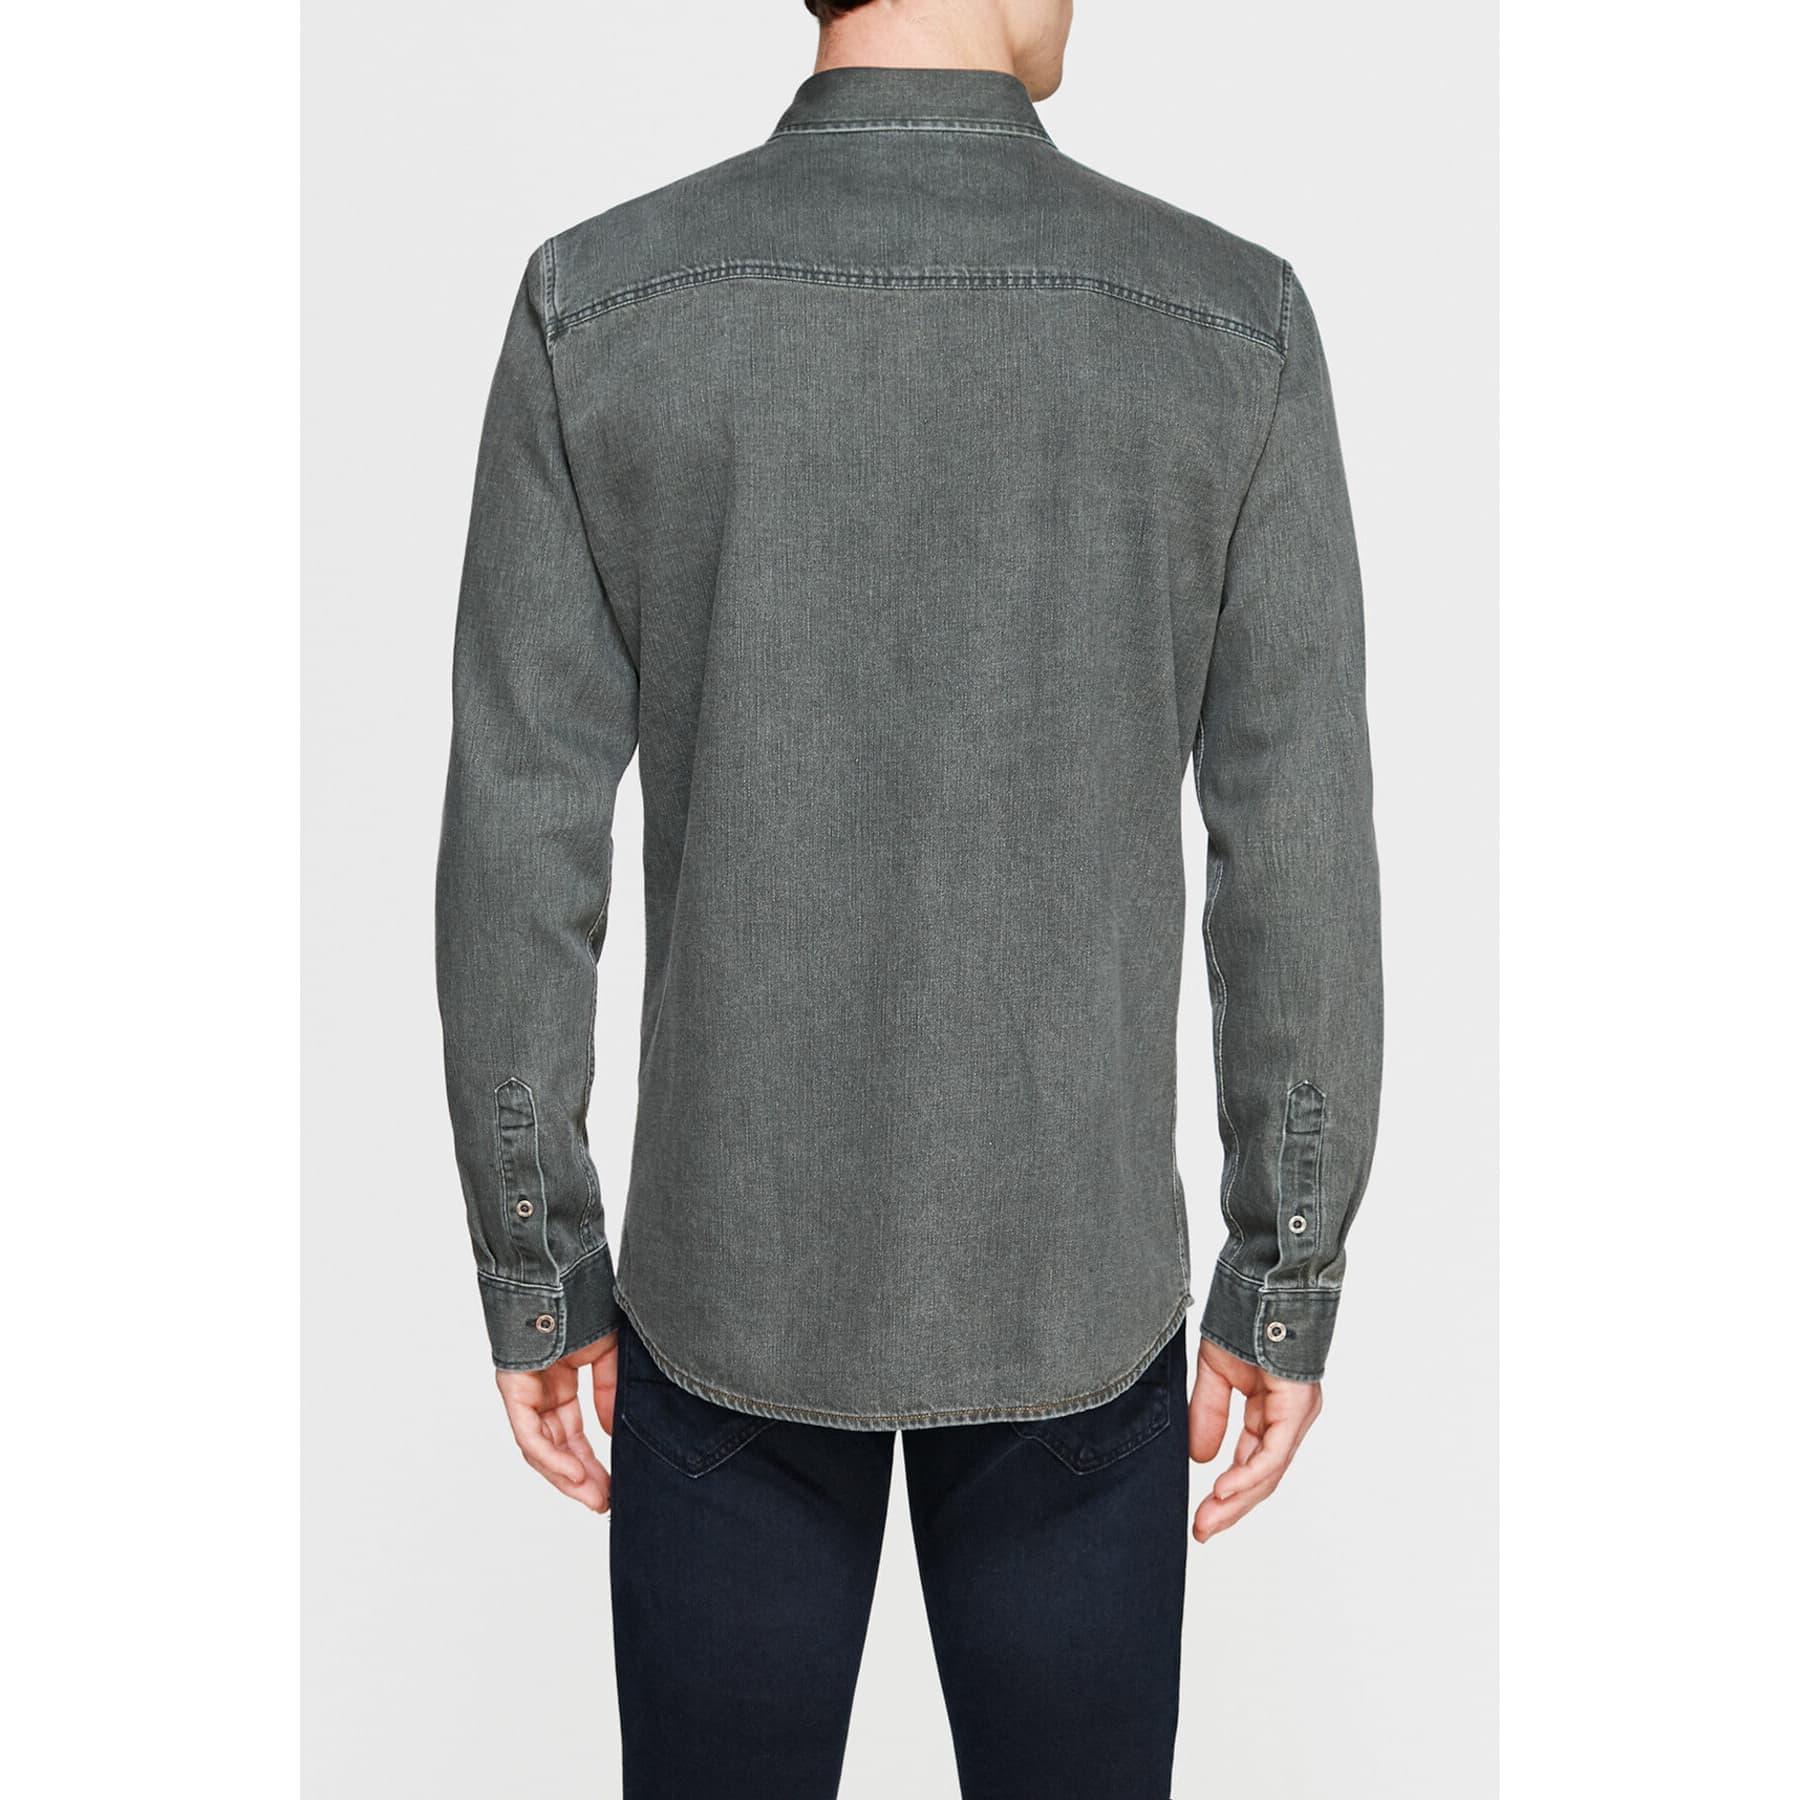 Çift Cepli Erkek Uzun Kollu Haki Gömlek